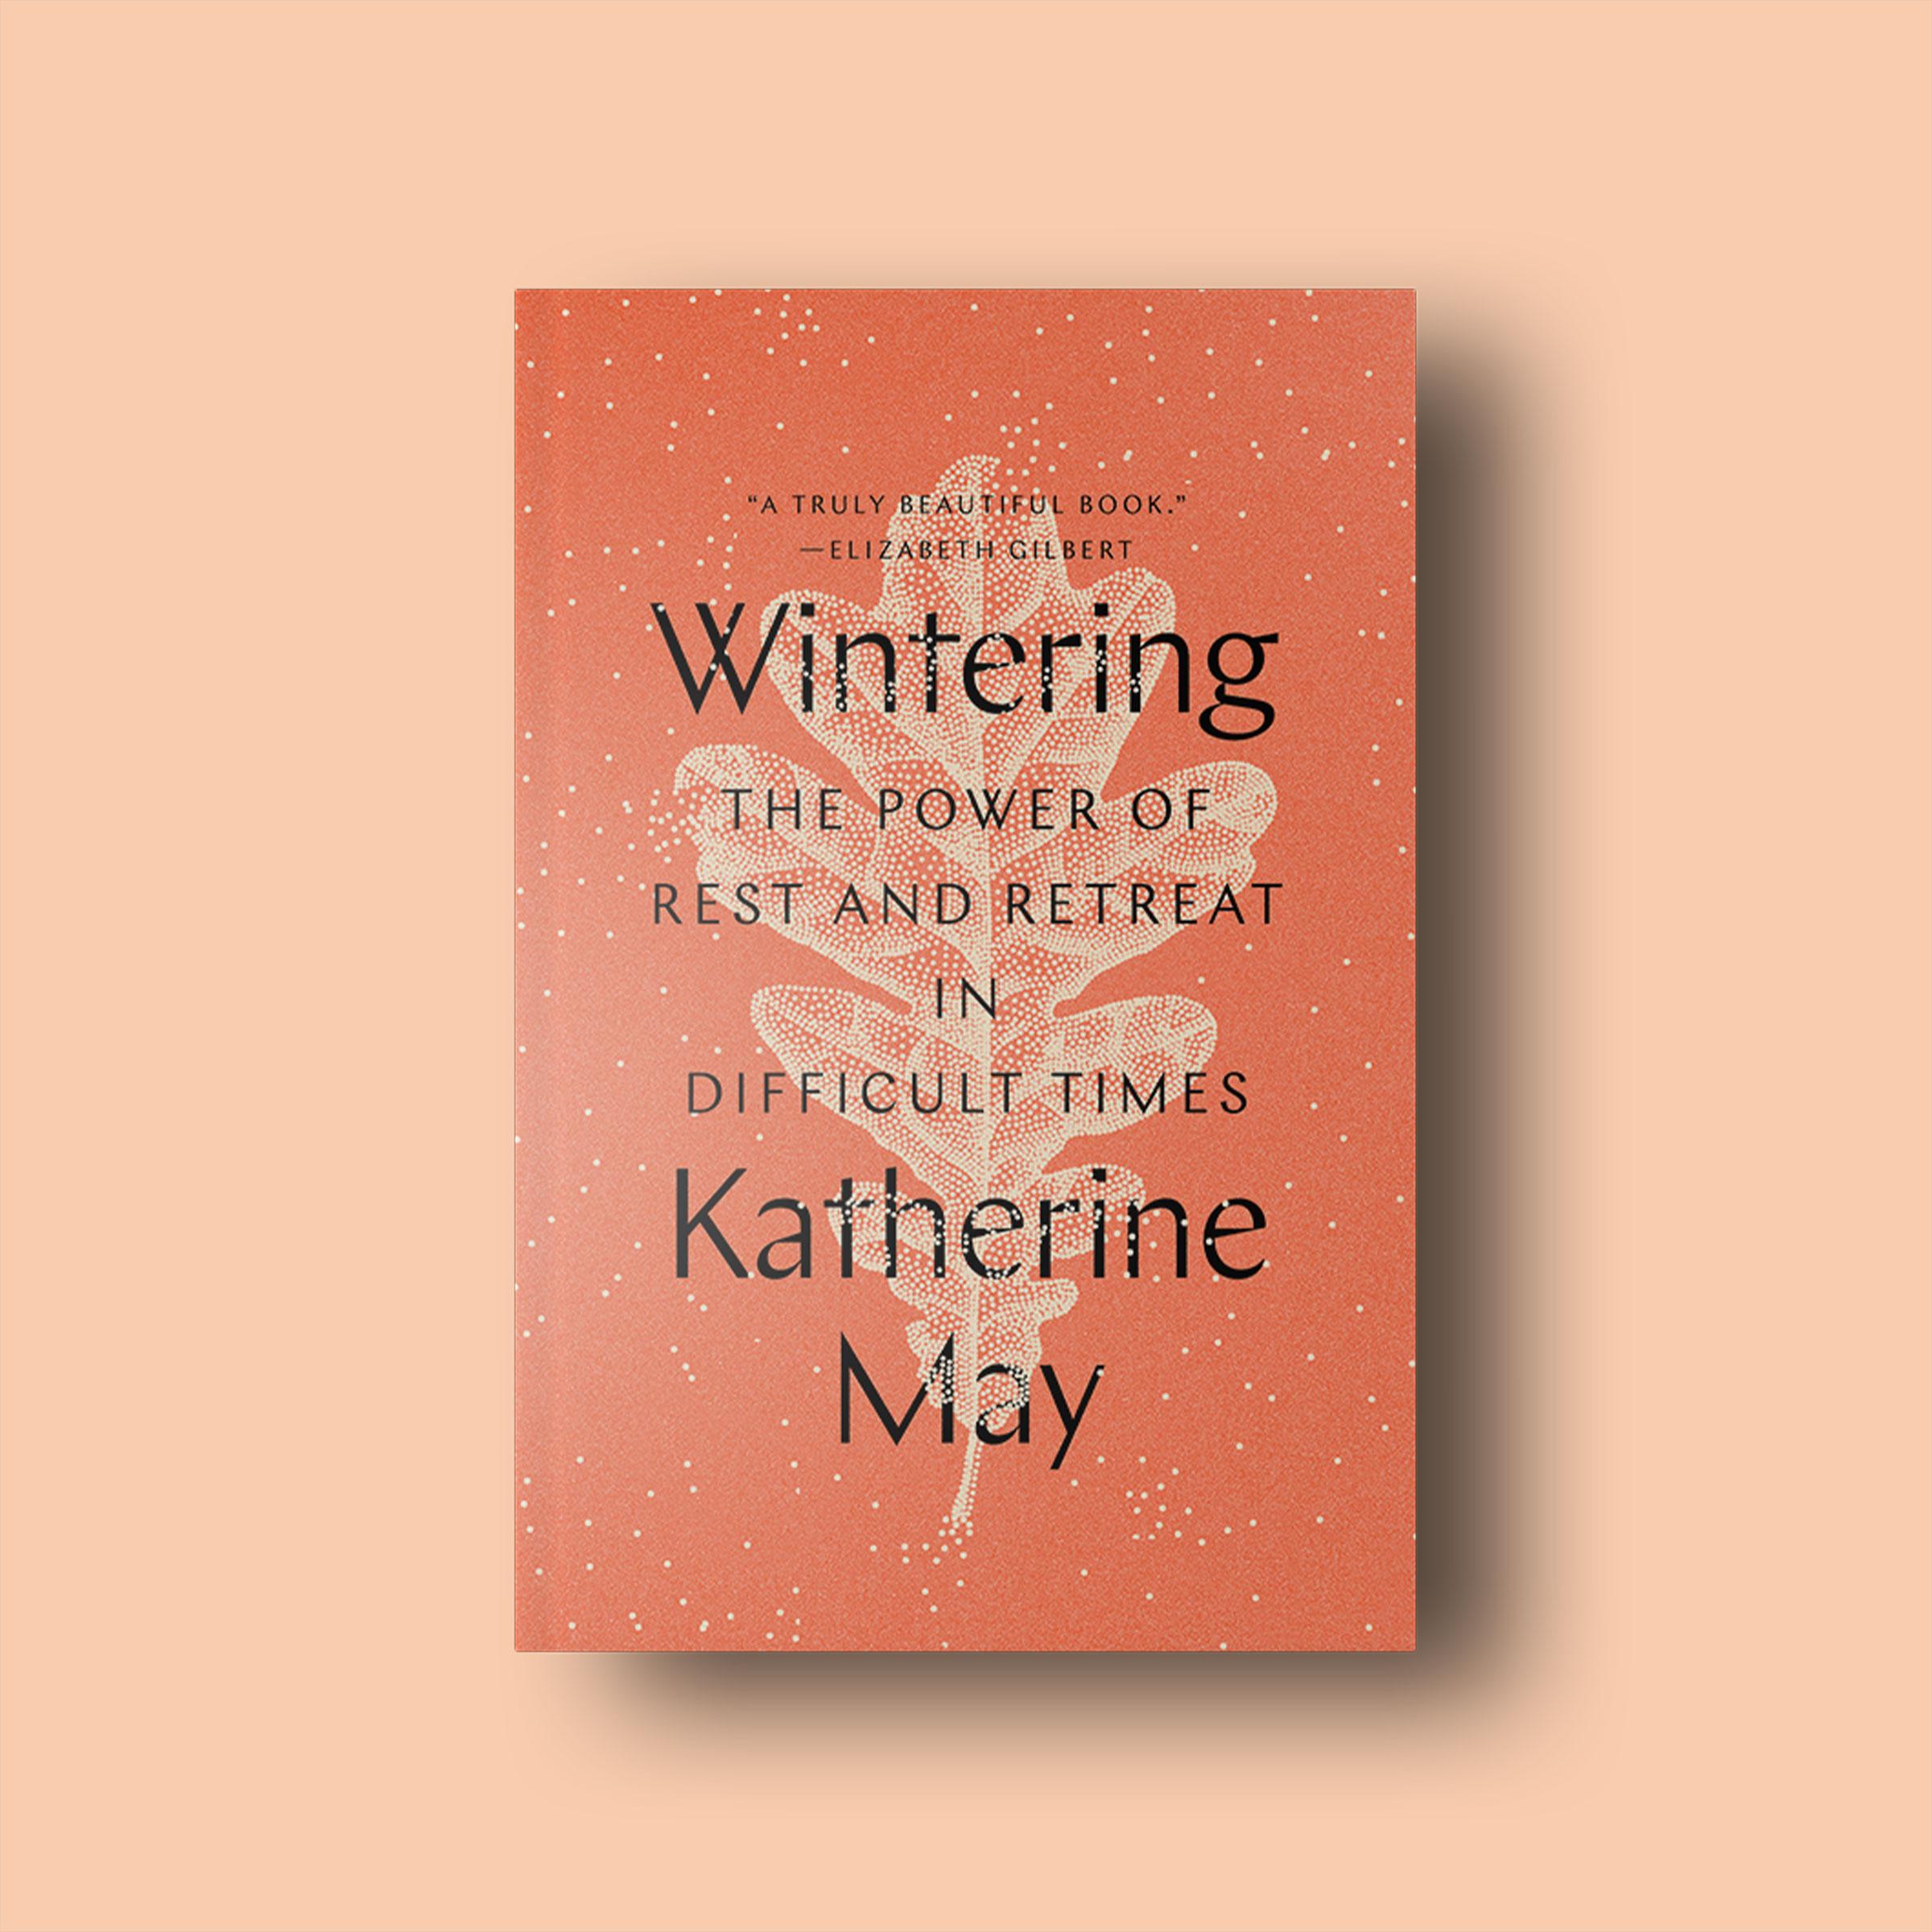 Wintering Excerpt